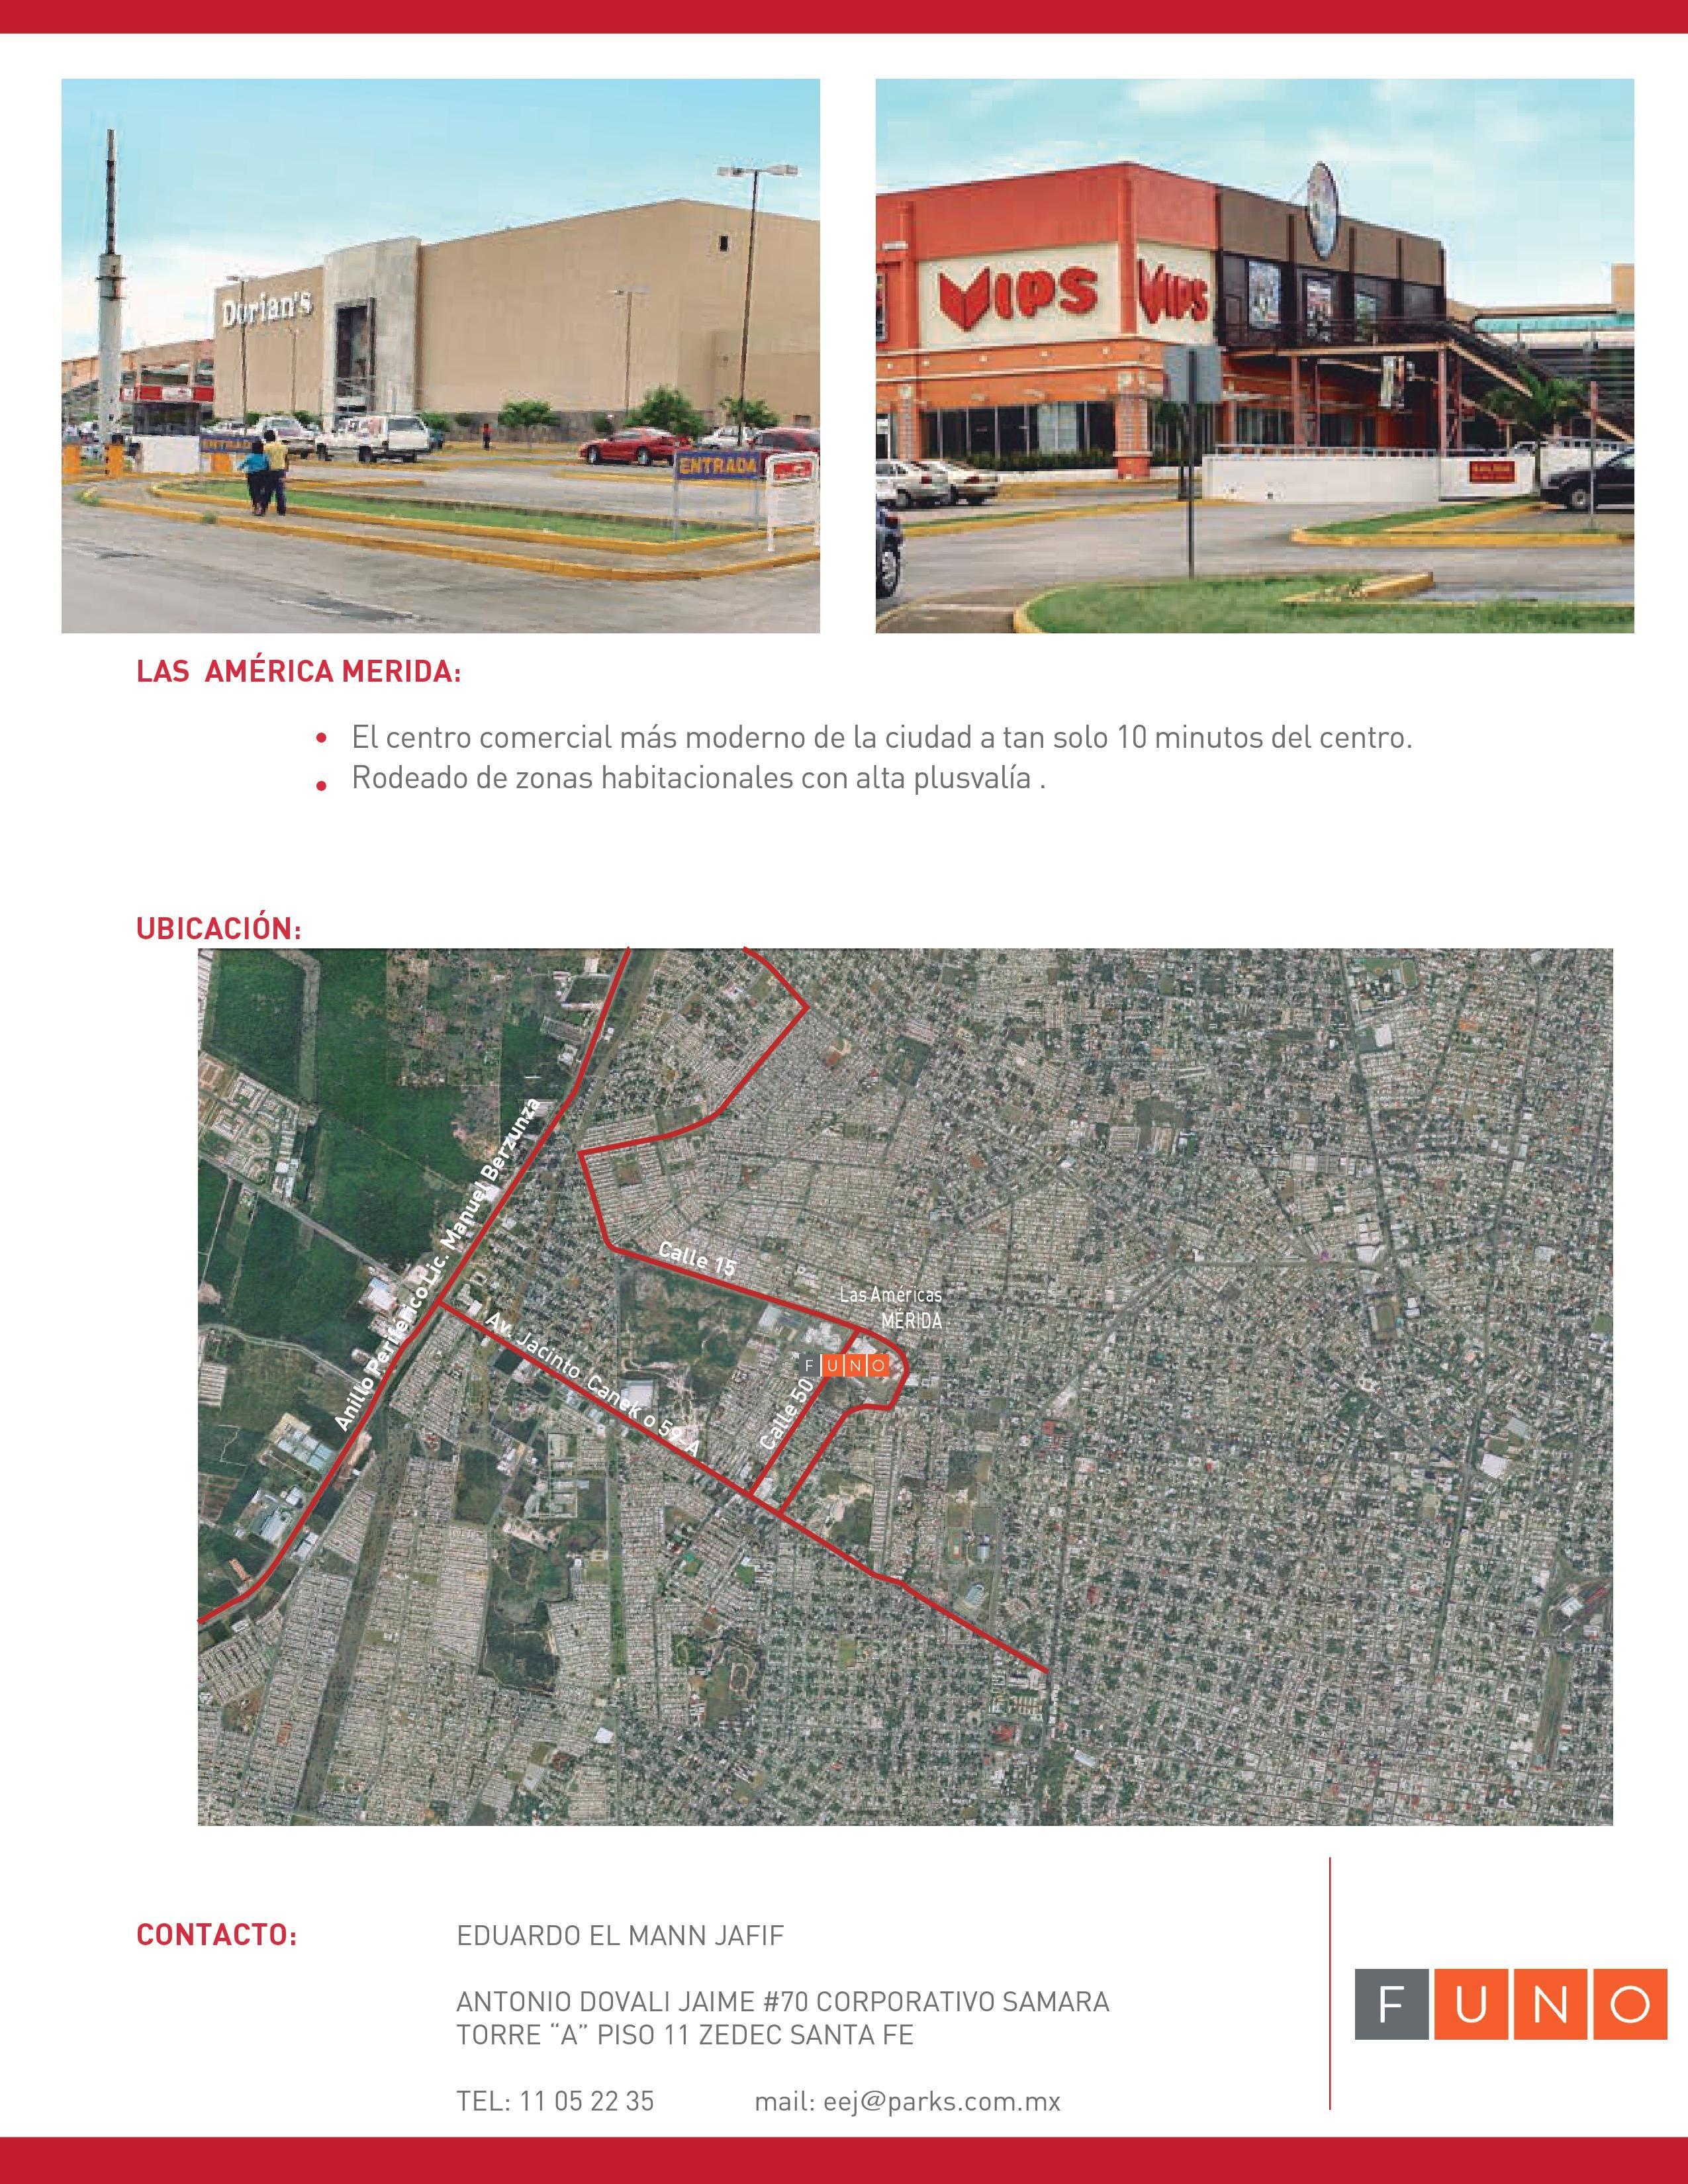 Co-Brochure Las Americas Mérida (2)